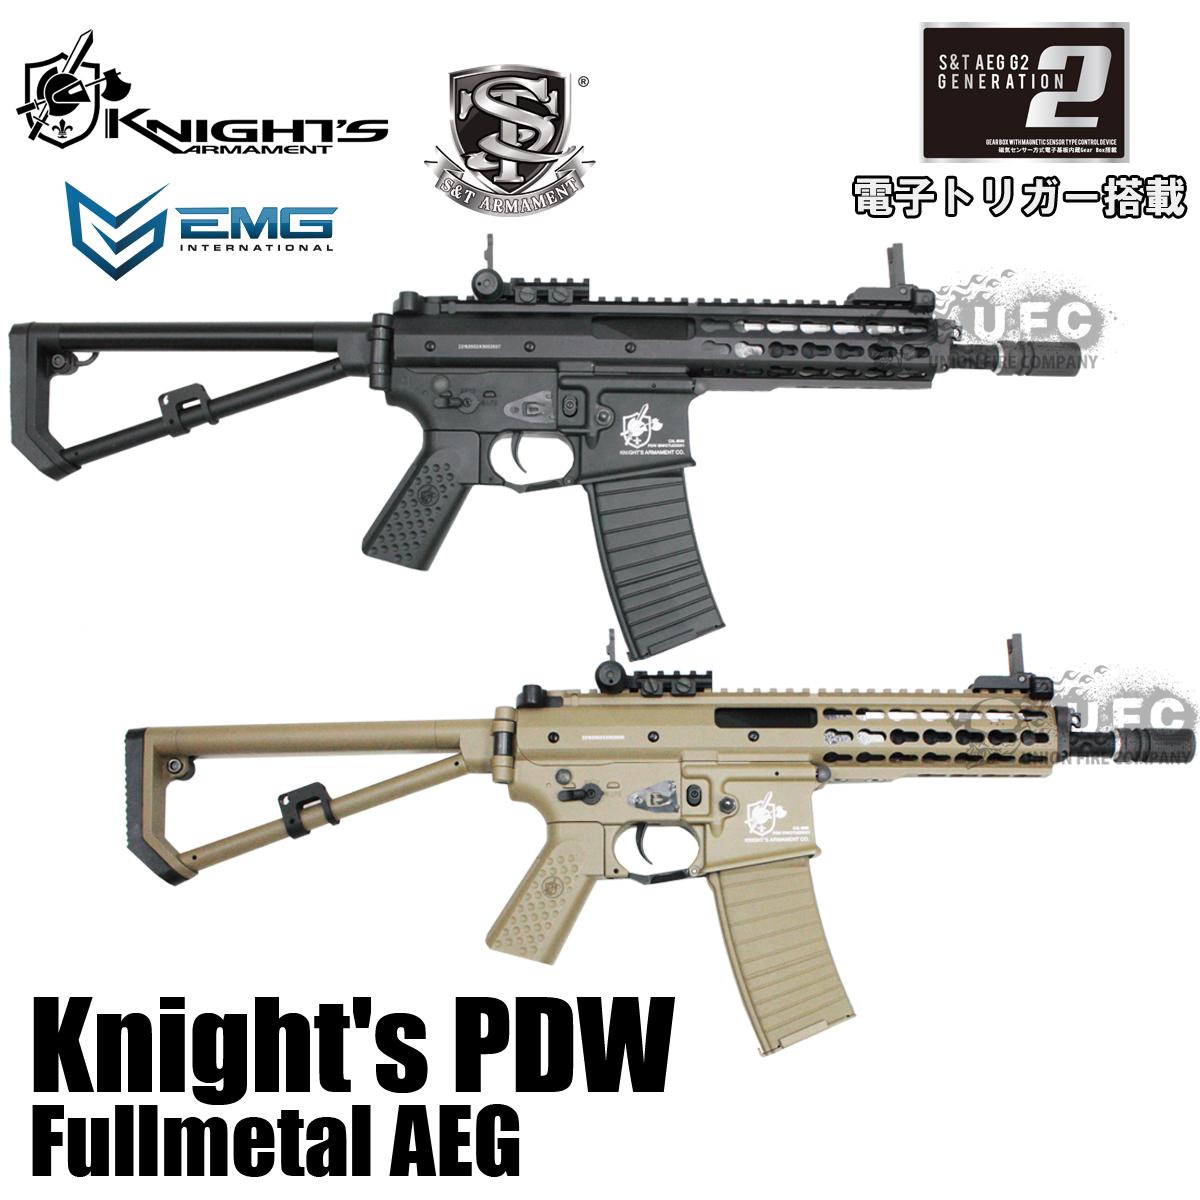 【入荷予約】S&T/EMG Kngith's PDW M2 フルメタル G2電動ガン(電子トリガーシステム搭載)(BKカラー)【180日間安心保証つき】